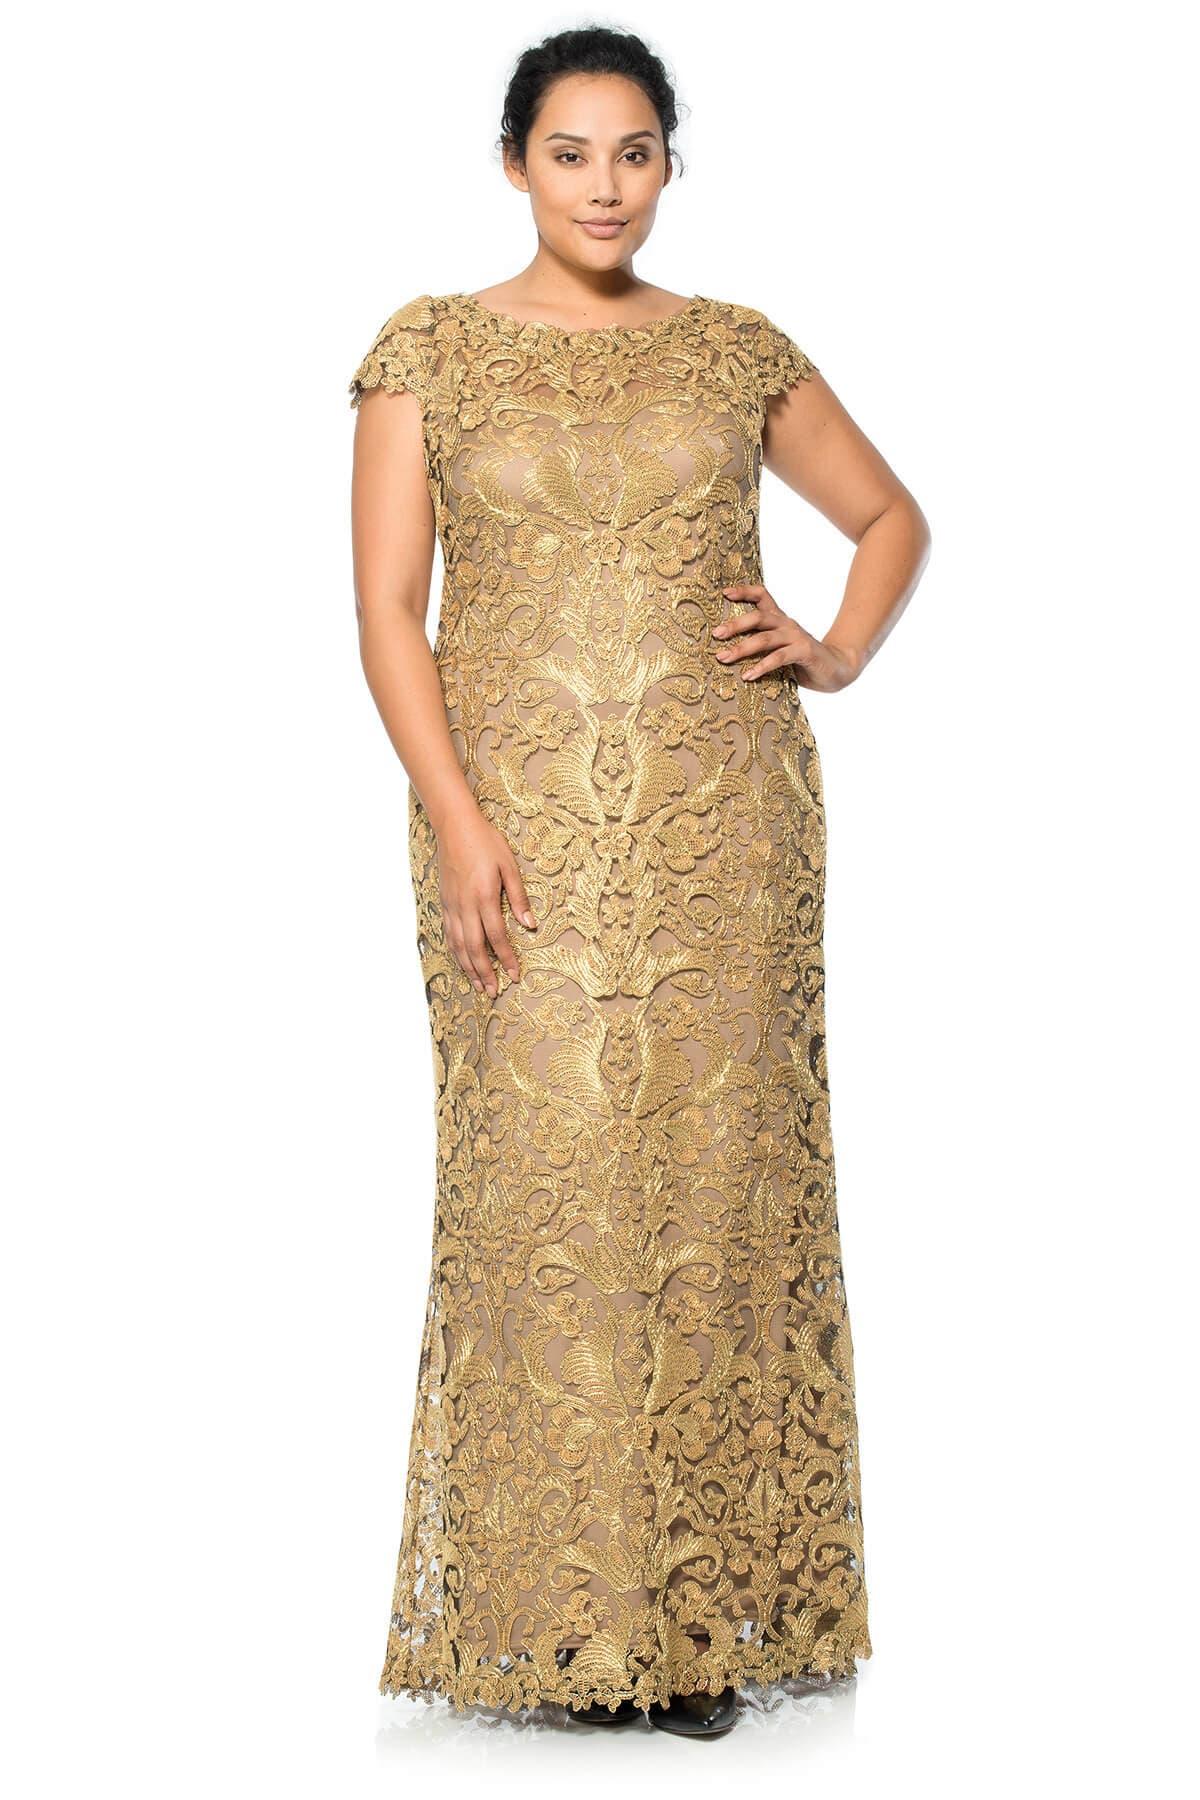 plus size shapewear for wedding dresses photo - 1